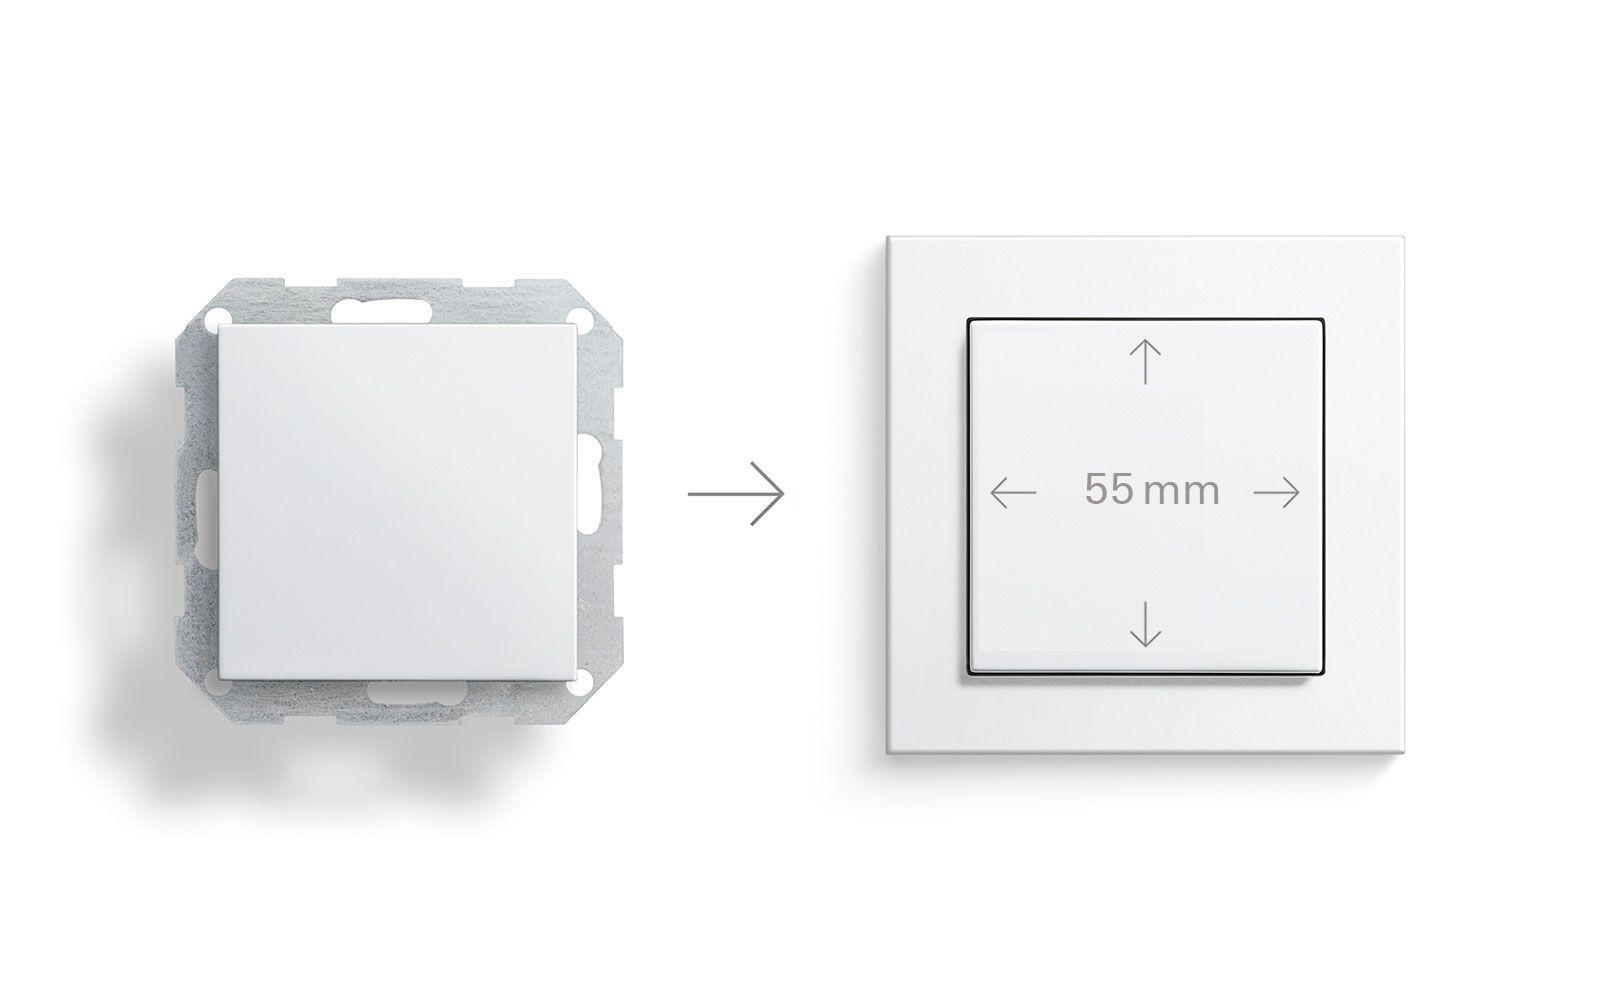 Schaltereinsatz mit Gira E2 Rahmen in weiß